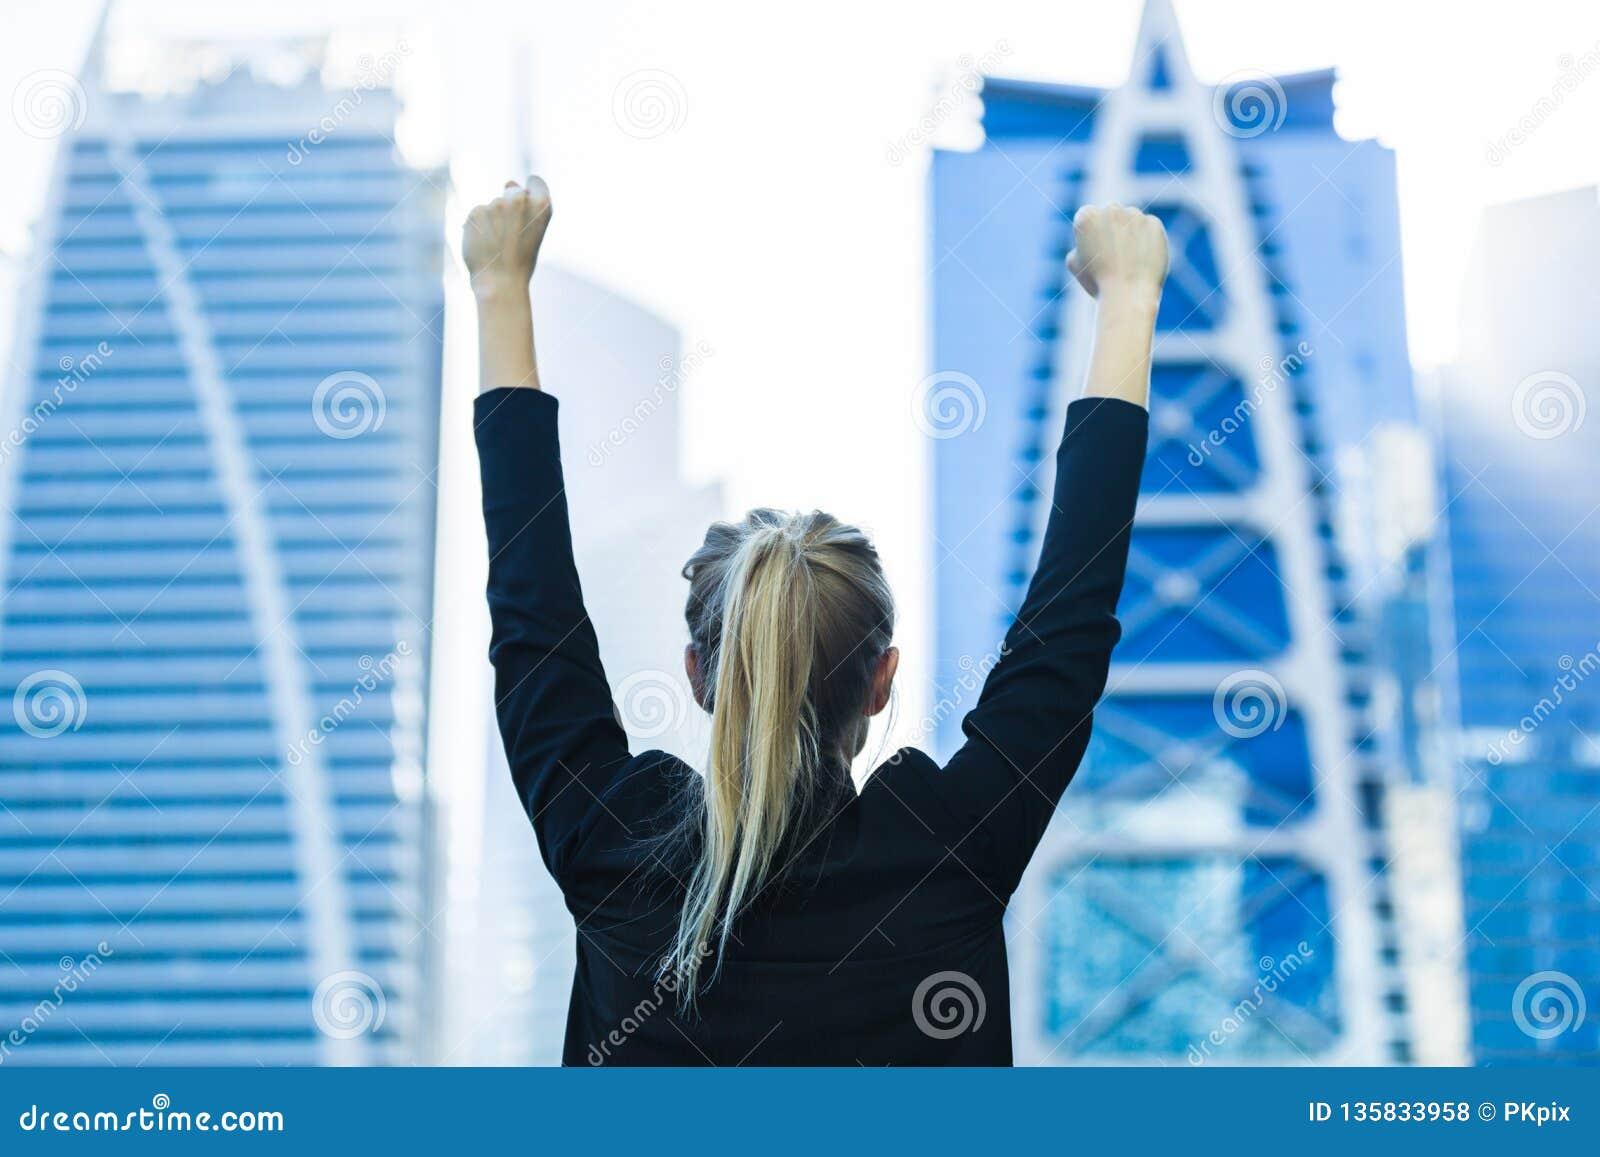 Успех в бизнесе - праздновать коммерсантку обозревая высотные здания центра города